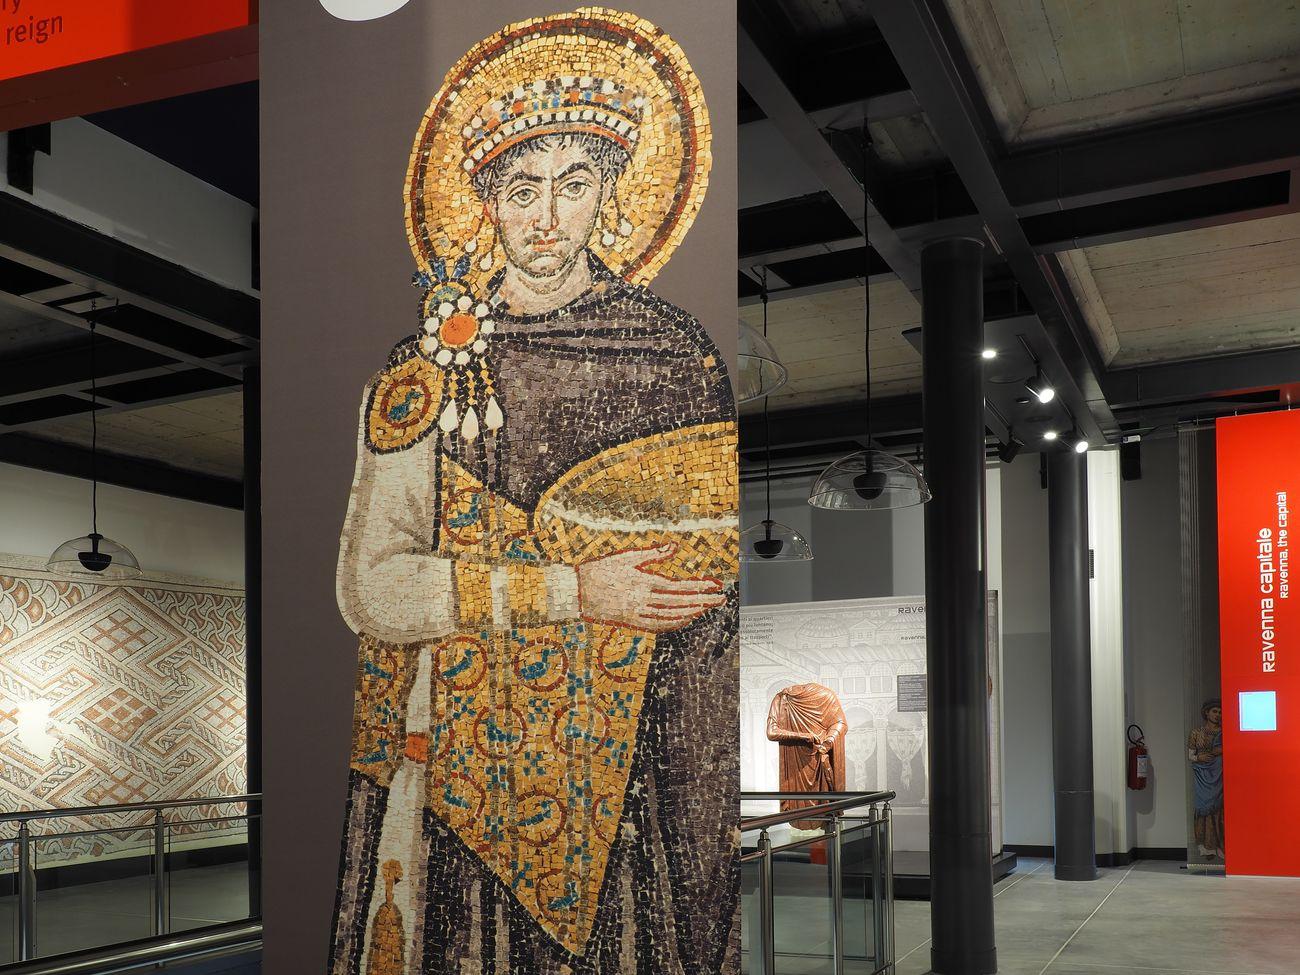 Raffigurazione dell'Imperatore Giustiniano. Classis Ravenna. Museo della Città e del Territorio. Photo credits Tommaso Raffoni – Fondazione RavennAntica